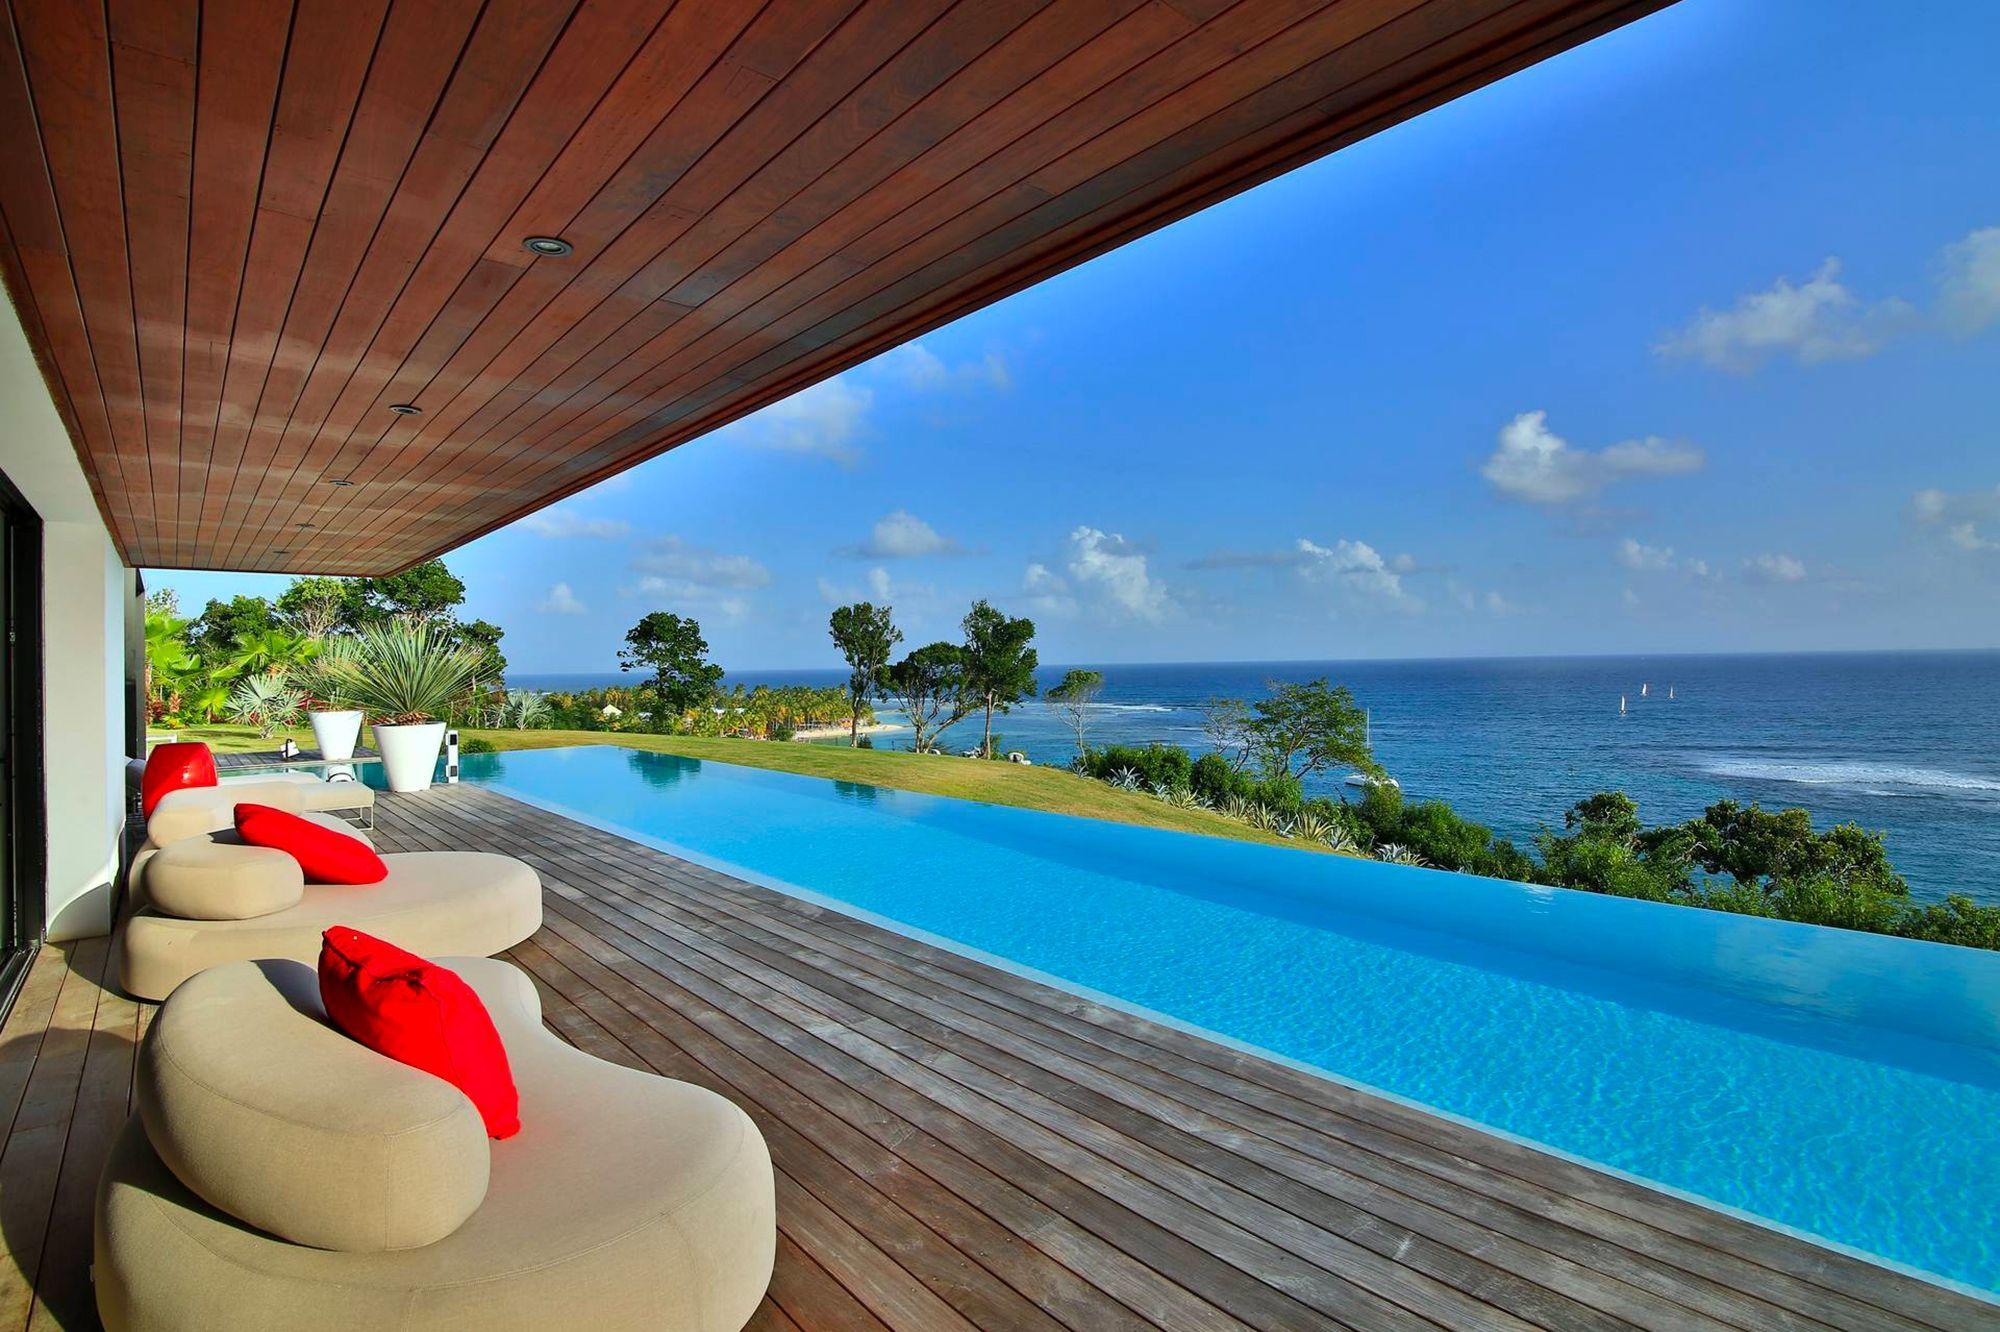 La Toubana, le seul hotel 5 étoiles de la Guadeloupe